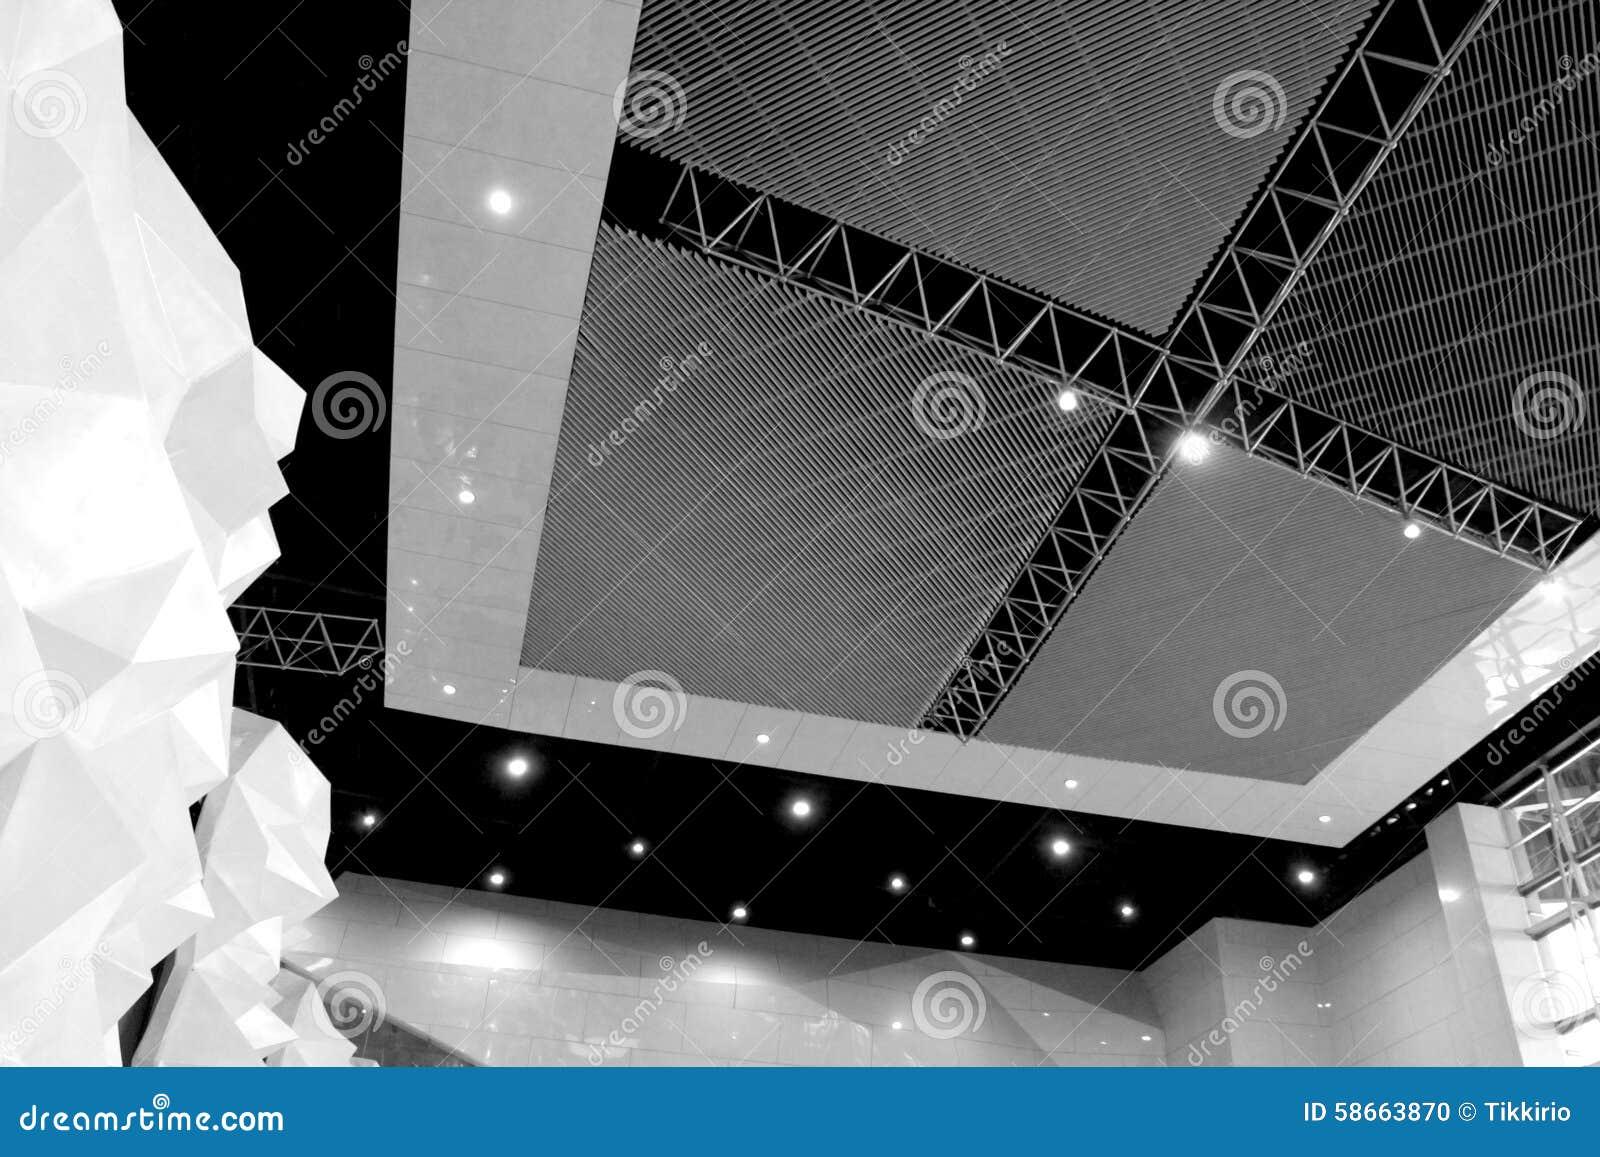 Plafoniere Tetto : Linee rette del tetto della struttura dacciaio plafoniere